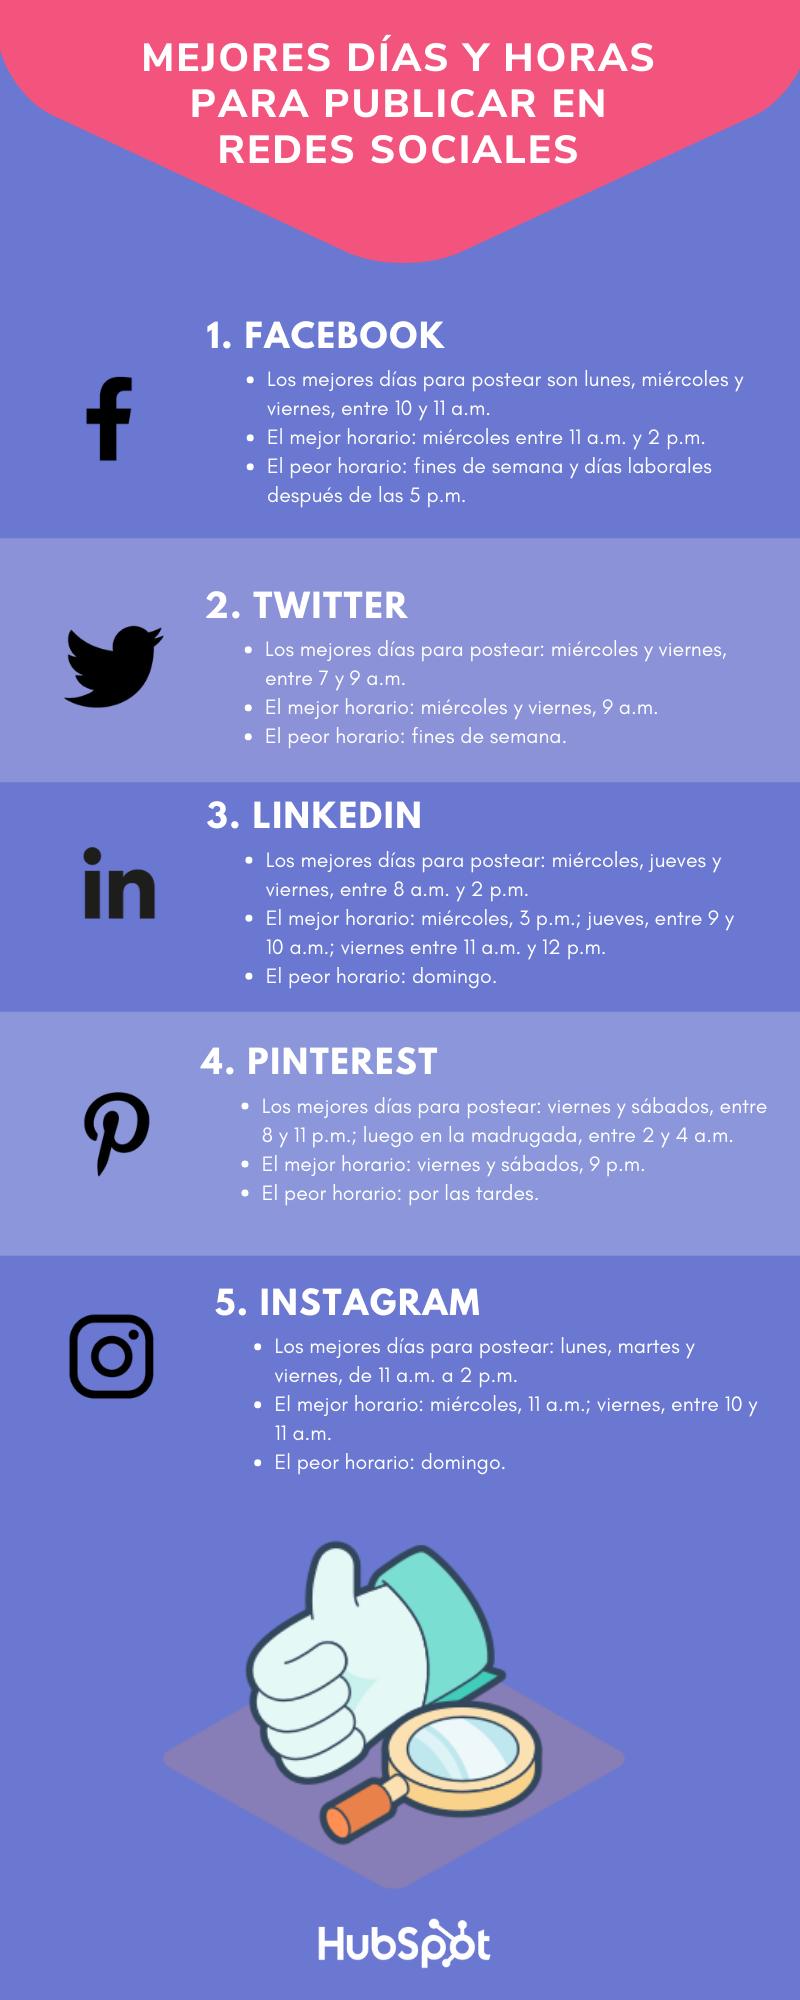 Mejores días y horas para publicar en redes sociales